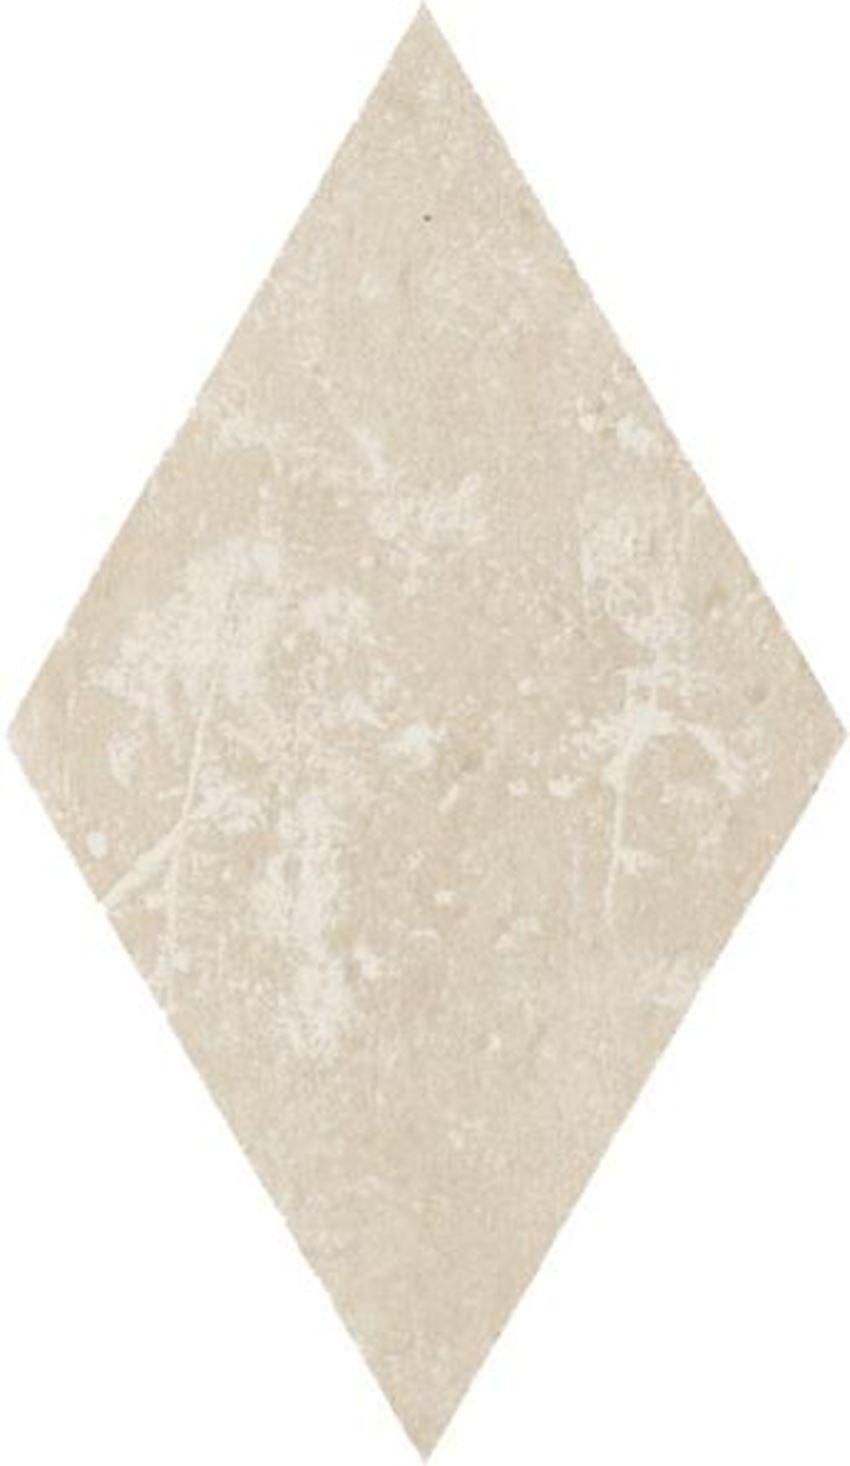 Dekoracja podłogowa 14,6x25,2 cm Paradyż Cotto Crema Romb